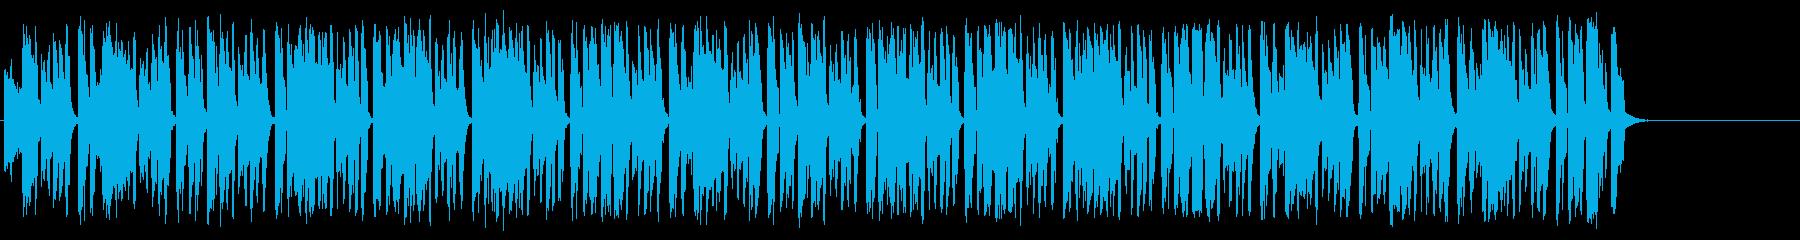 大らかなポップ/ラテンの再生済みの波形